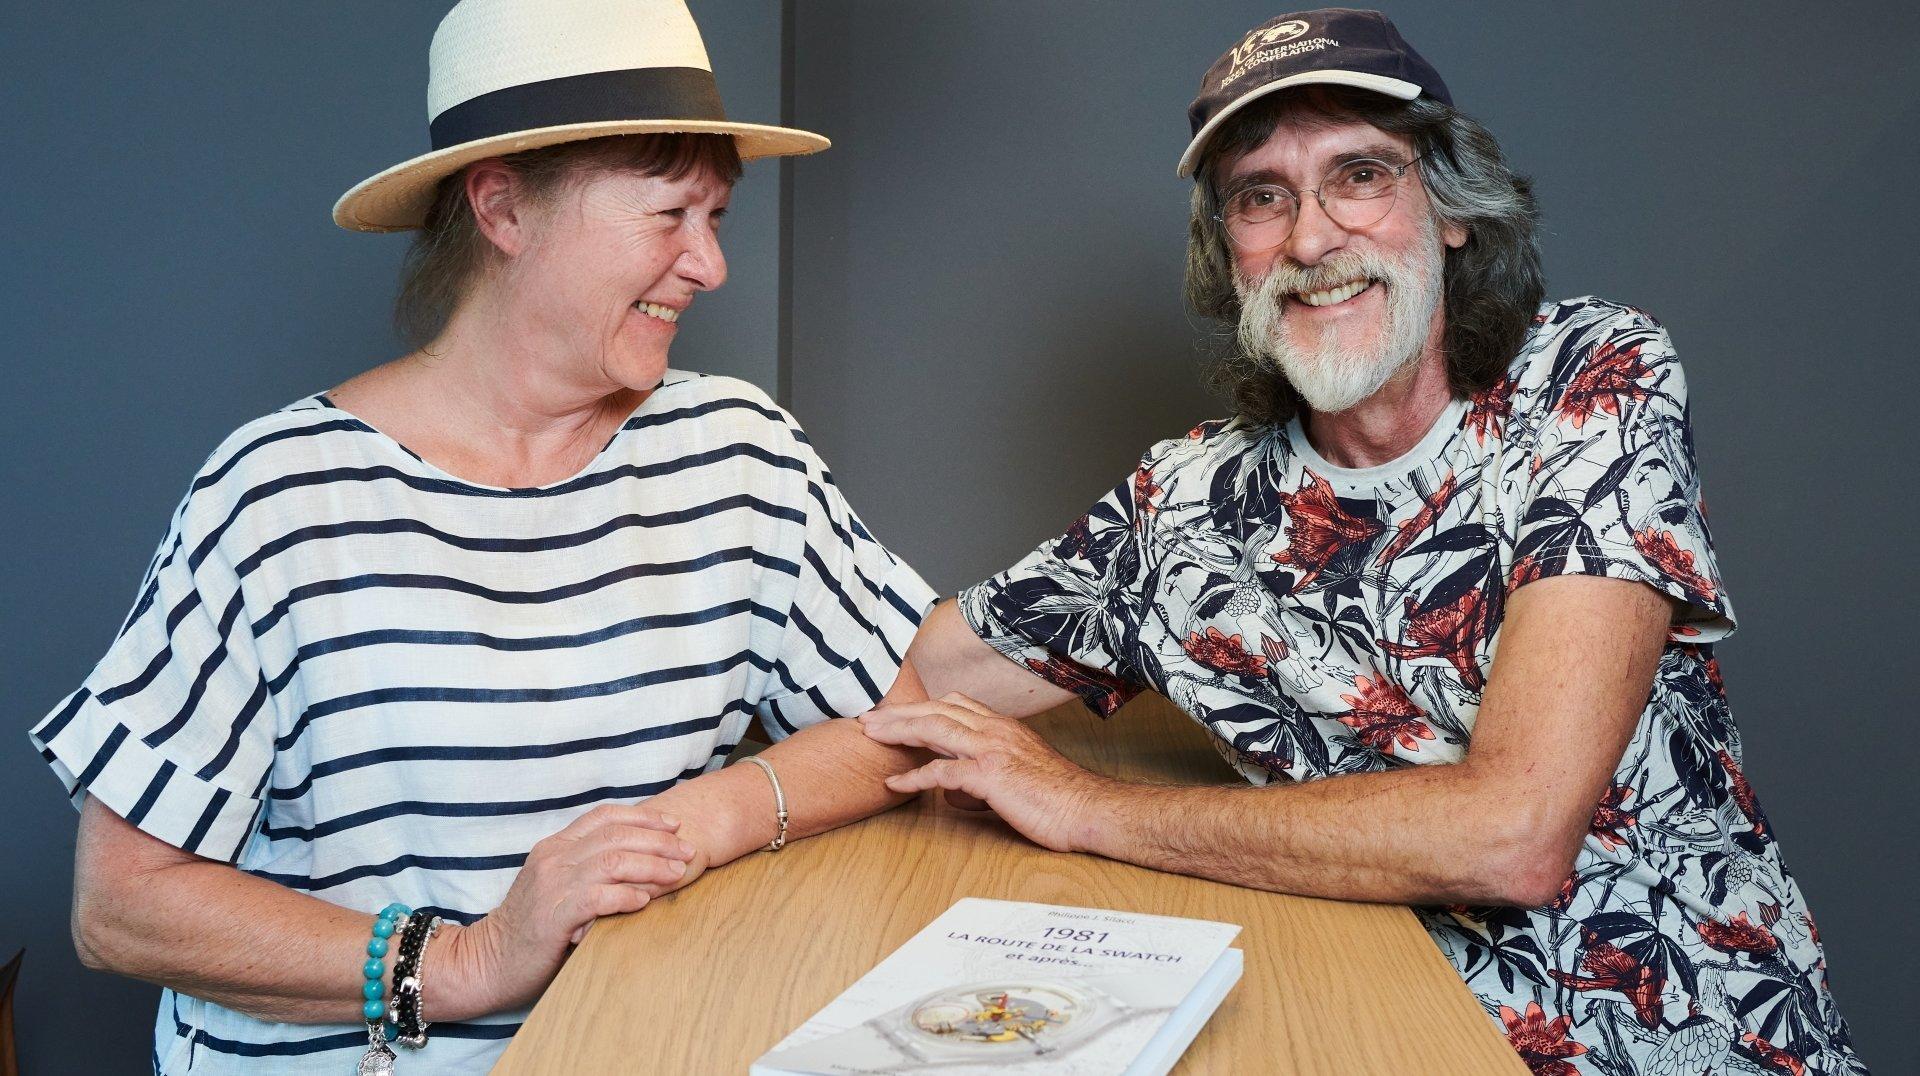 La naissance de la Swatch racontée par Marlyse Schmid et Bernard Müller